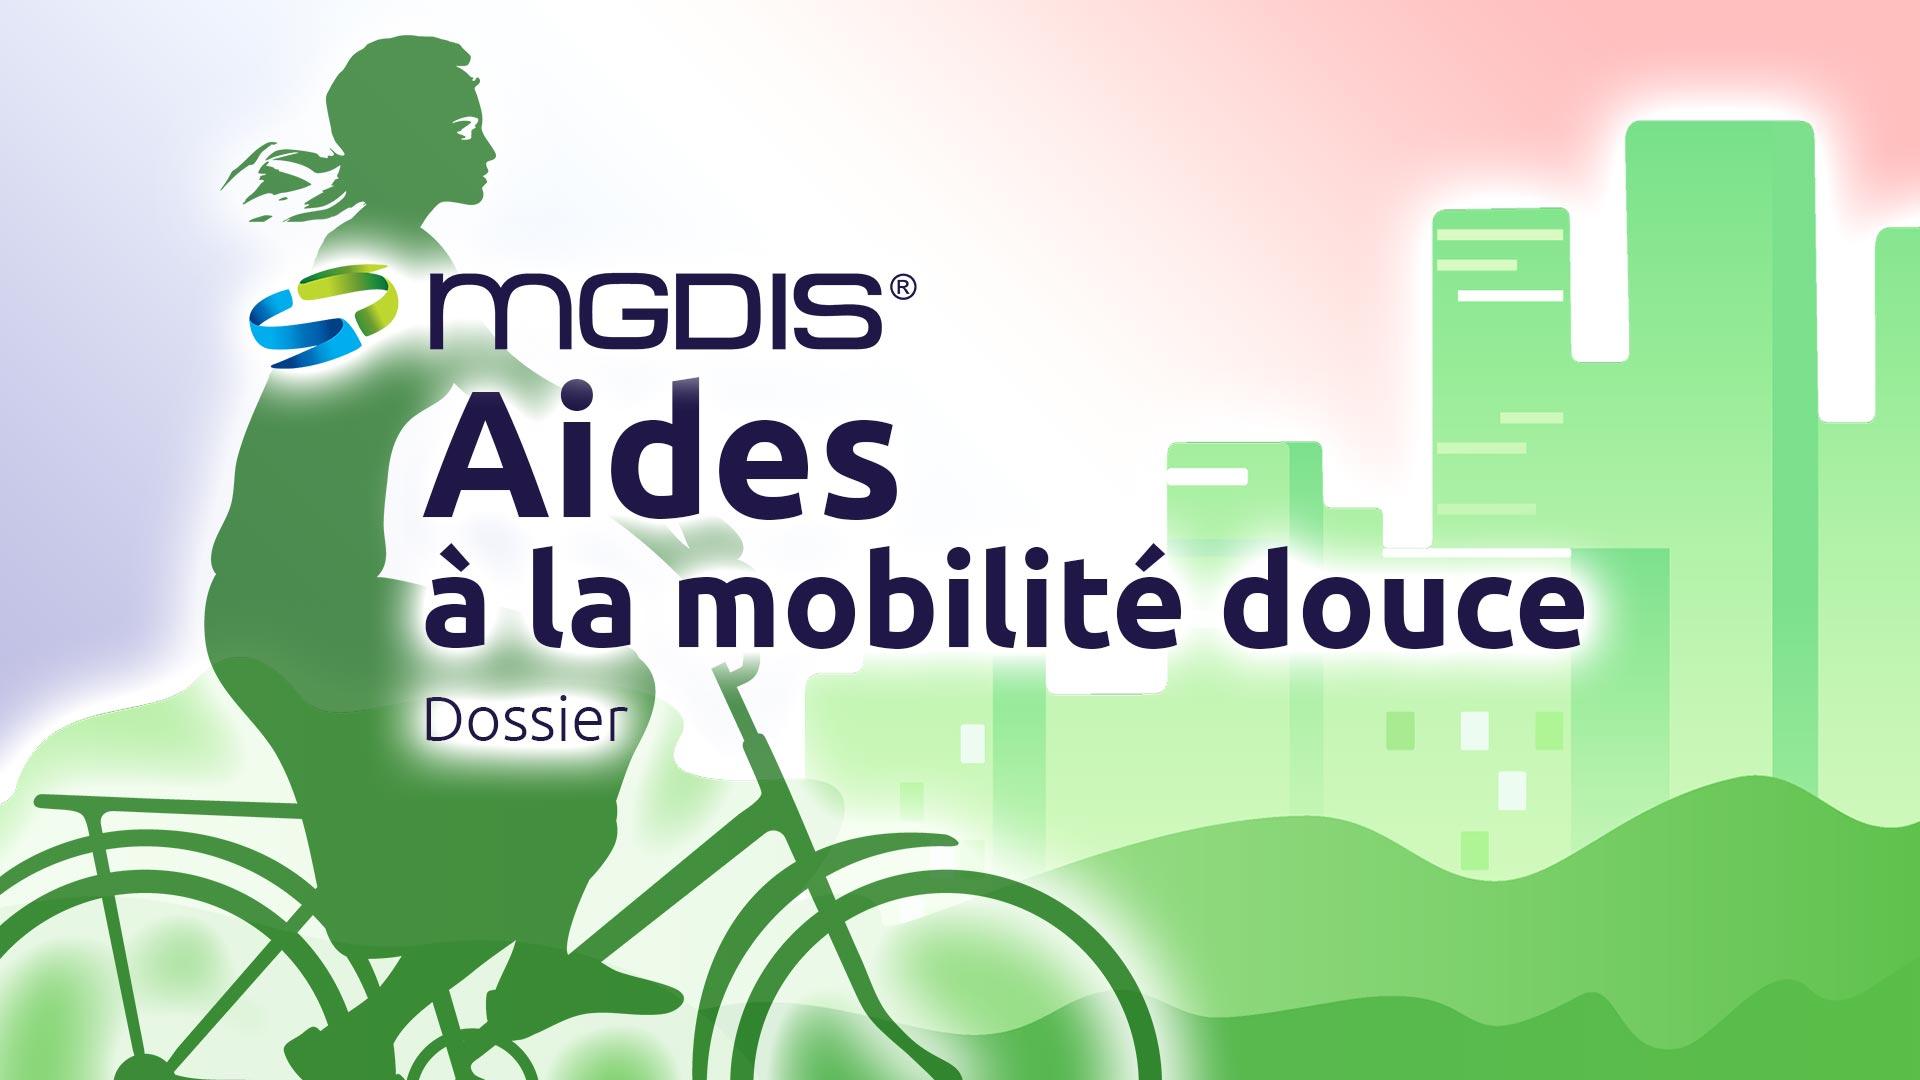 Le dossier sur les Aides a la mobilite douce par MGDIS